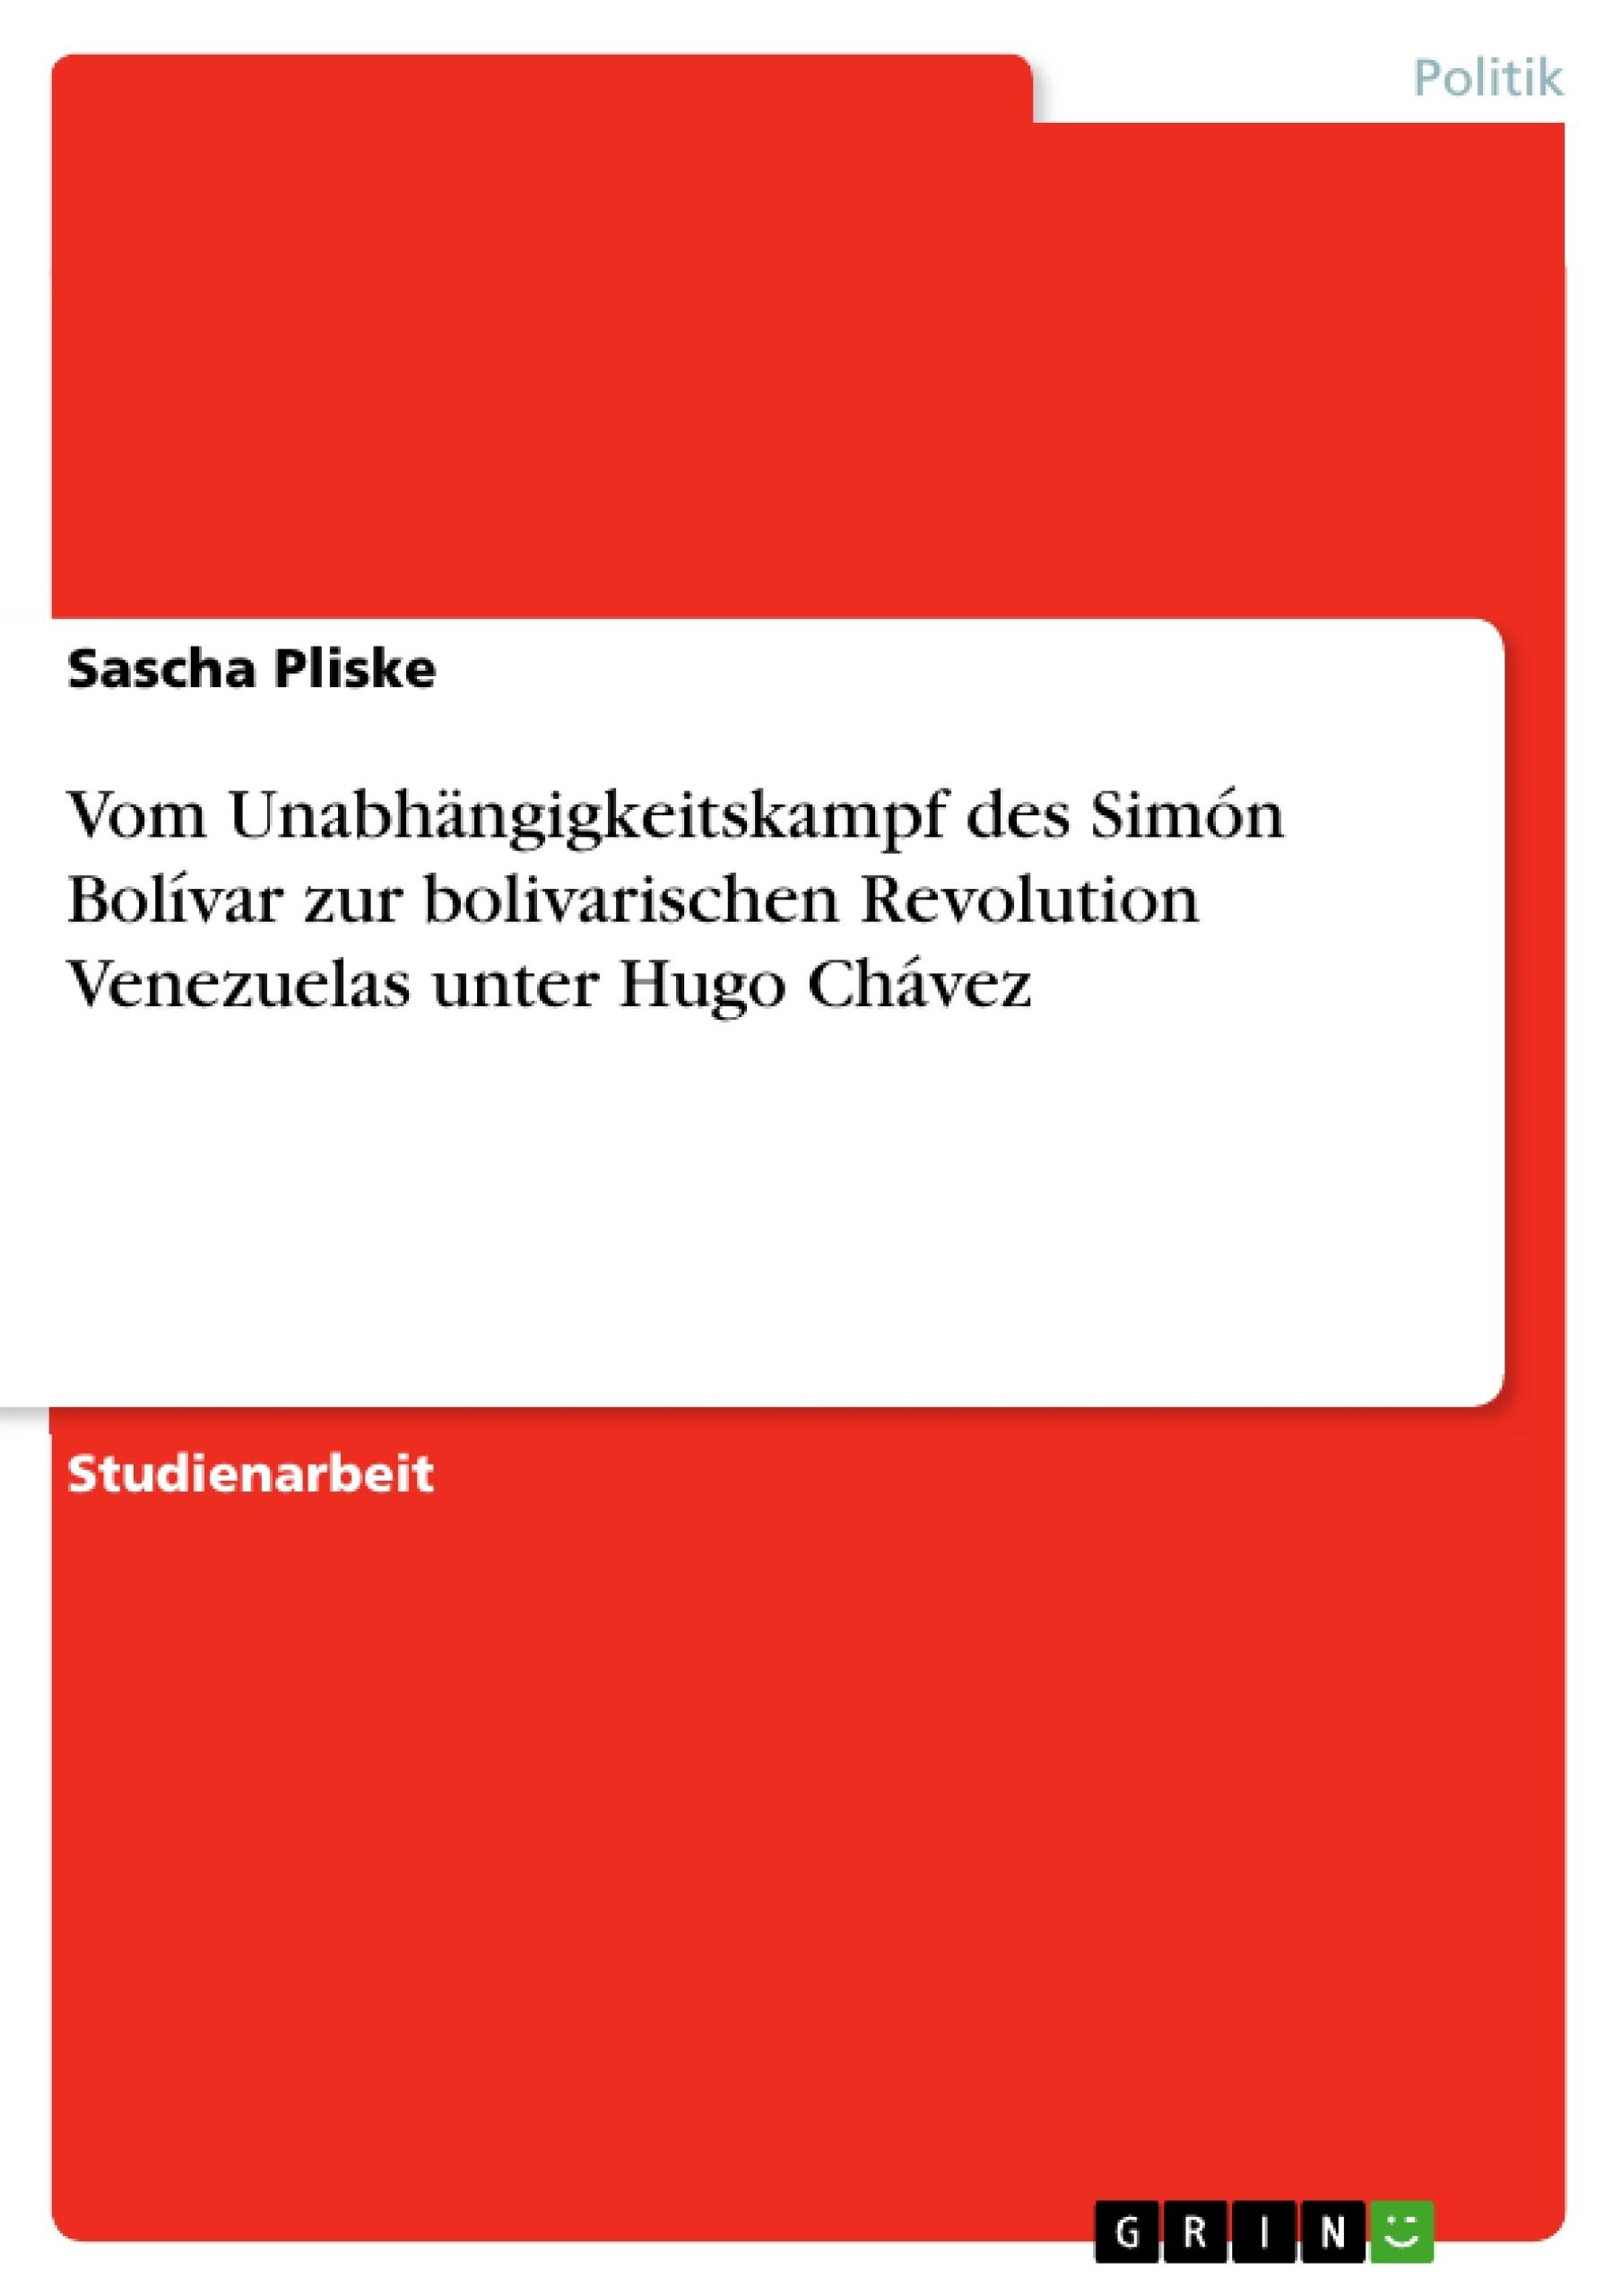 Titel: Vom Unabhängigkeitskampf des Simón Bolívar zur bolivarischen Revolution Venezuelas unter Hugo Chávez